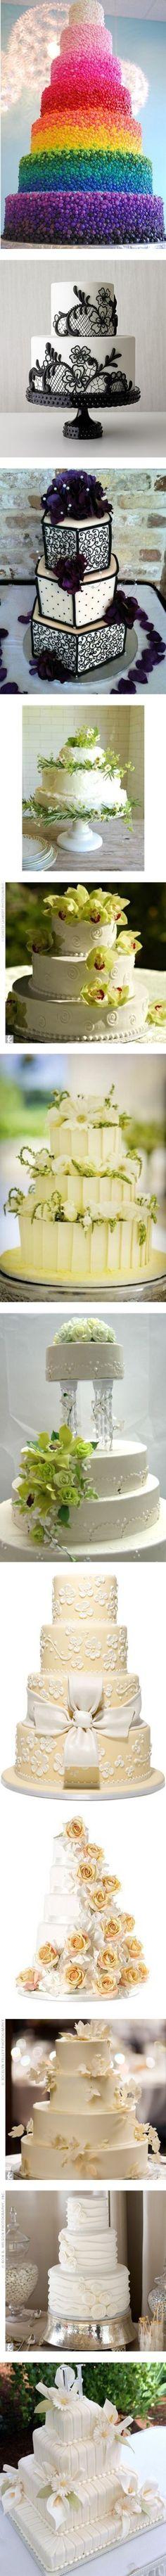 Wedding cakes by belladonnachen on Polyvore featuring food, cakes, wedding cake, wedding, food & drink, cake, backgrounds, wedding cakes, weddings and home